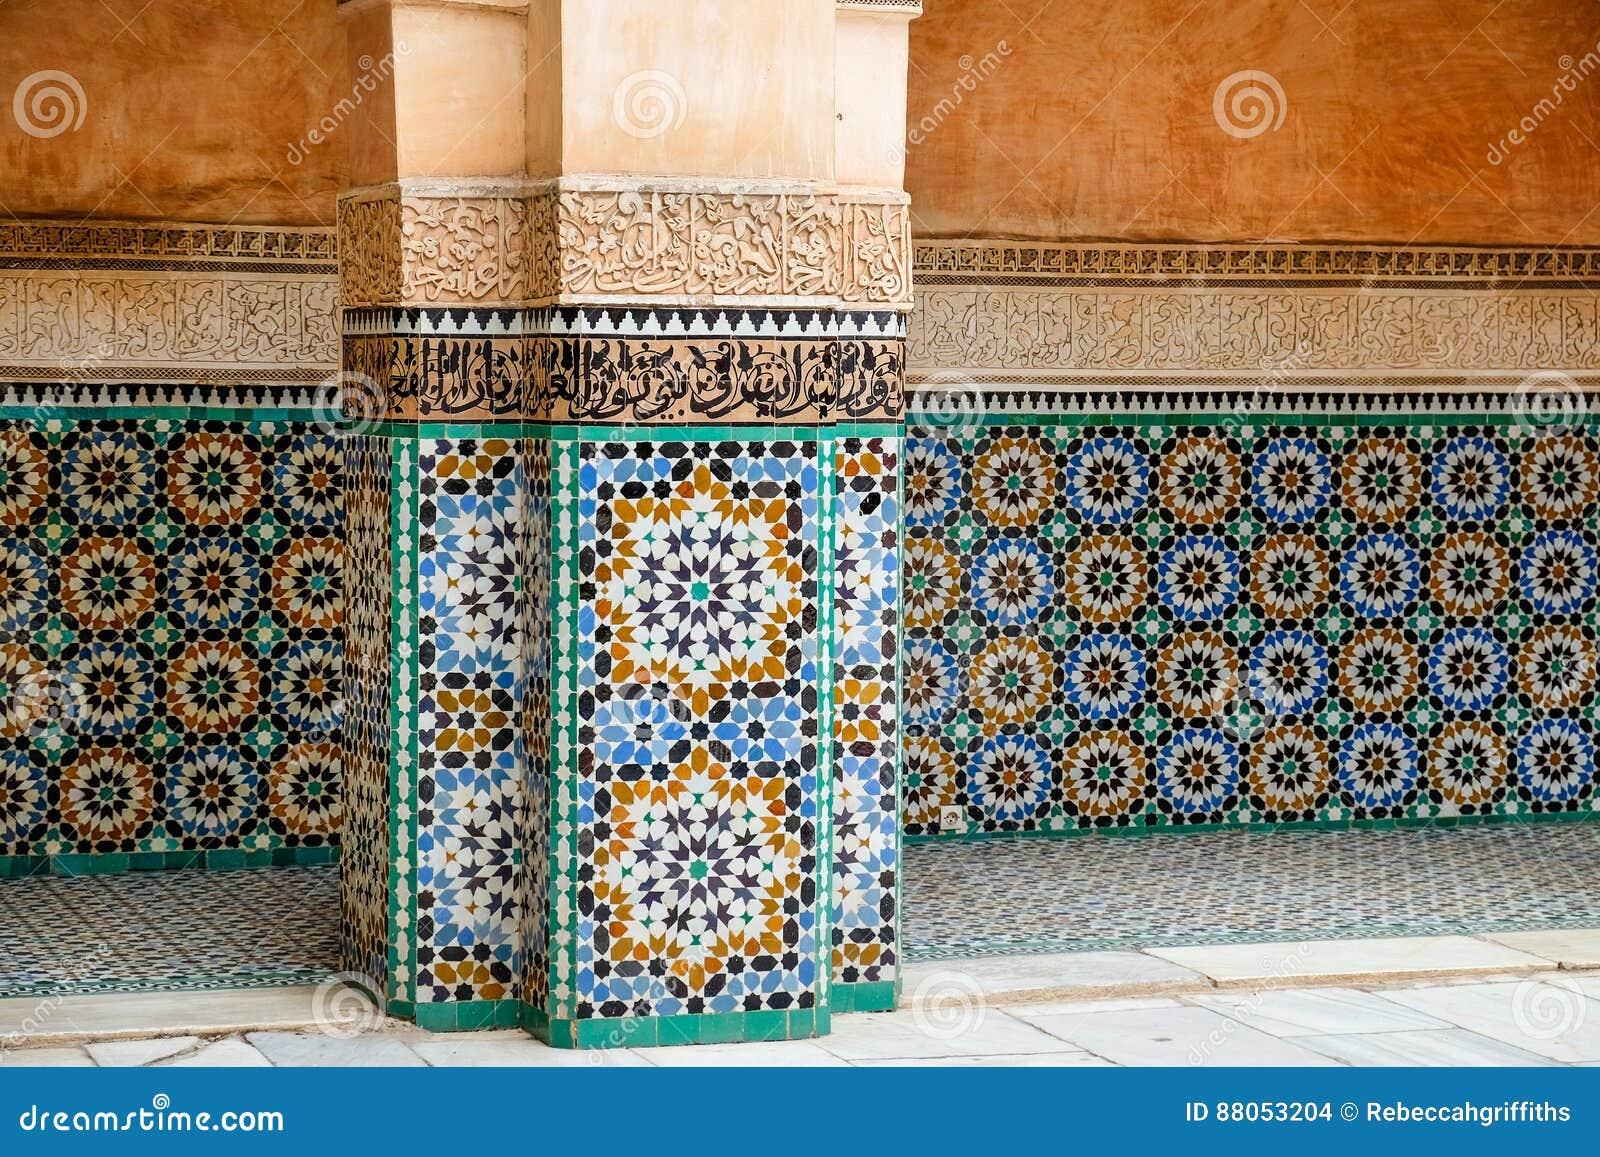 bunte marokkanische fliesen auf einem gebäude stockfoto - bild von